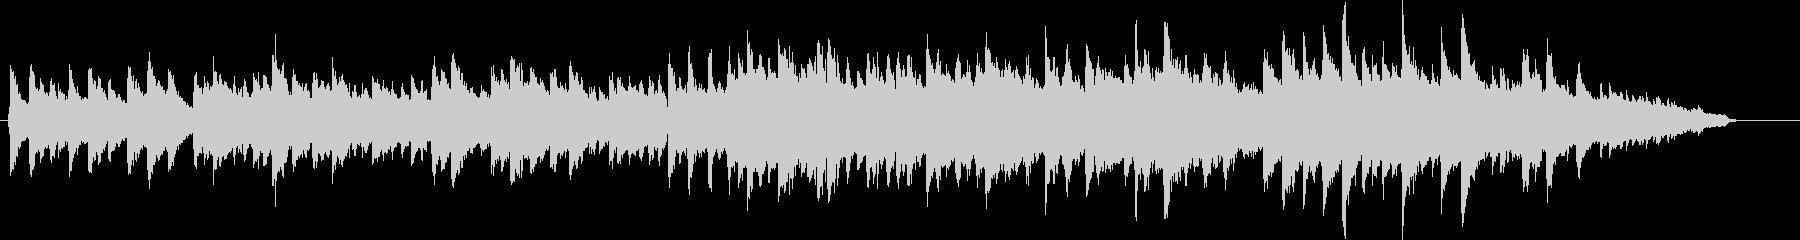 ピアノの旋律が印象的な、和風BGMの未再生の波形